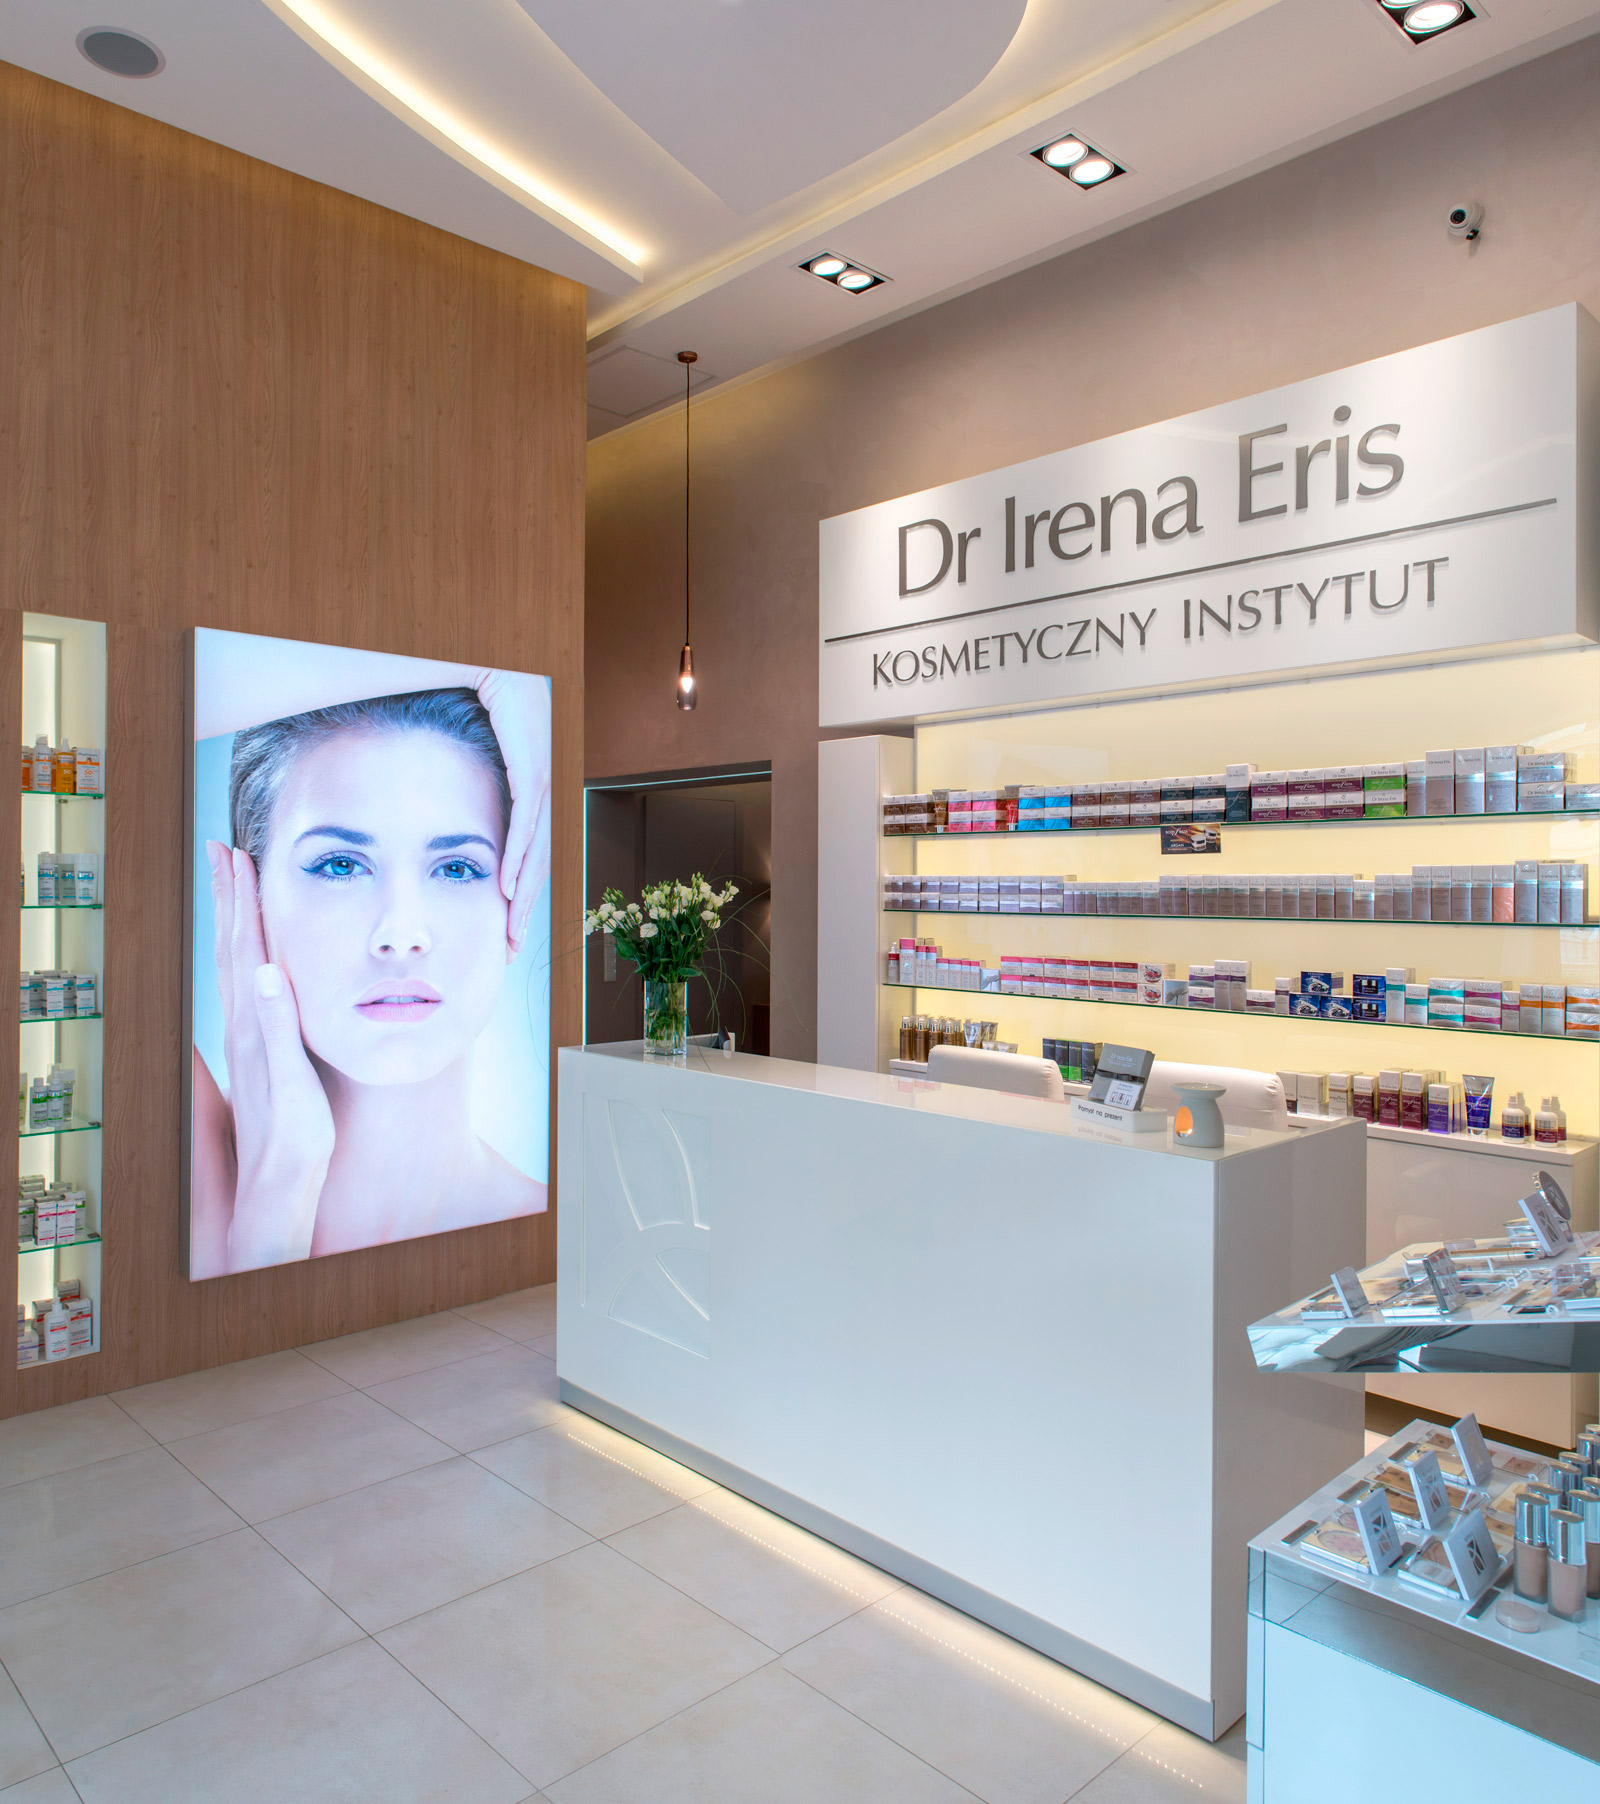 Dr Irena Eris Kosmetyczne Instytuty